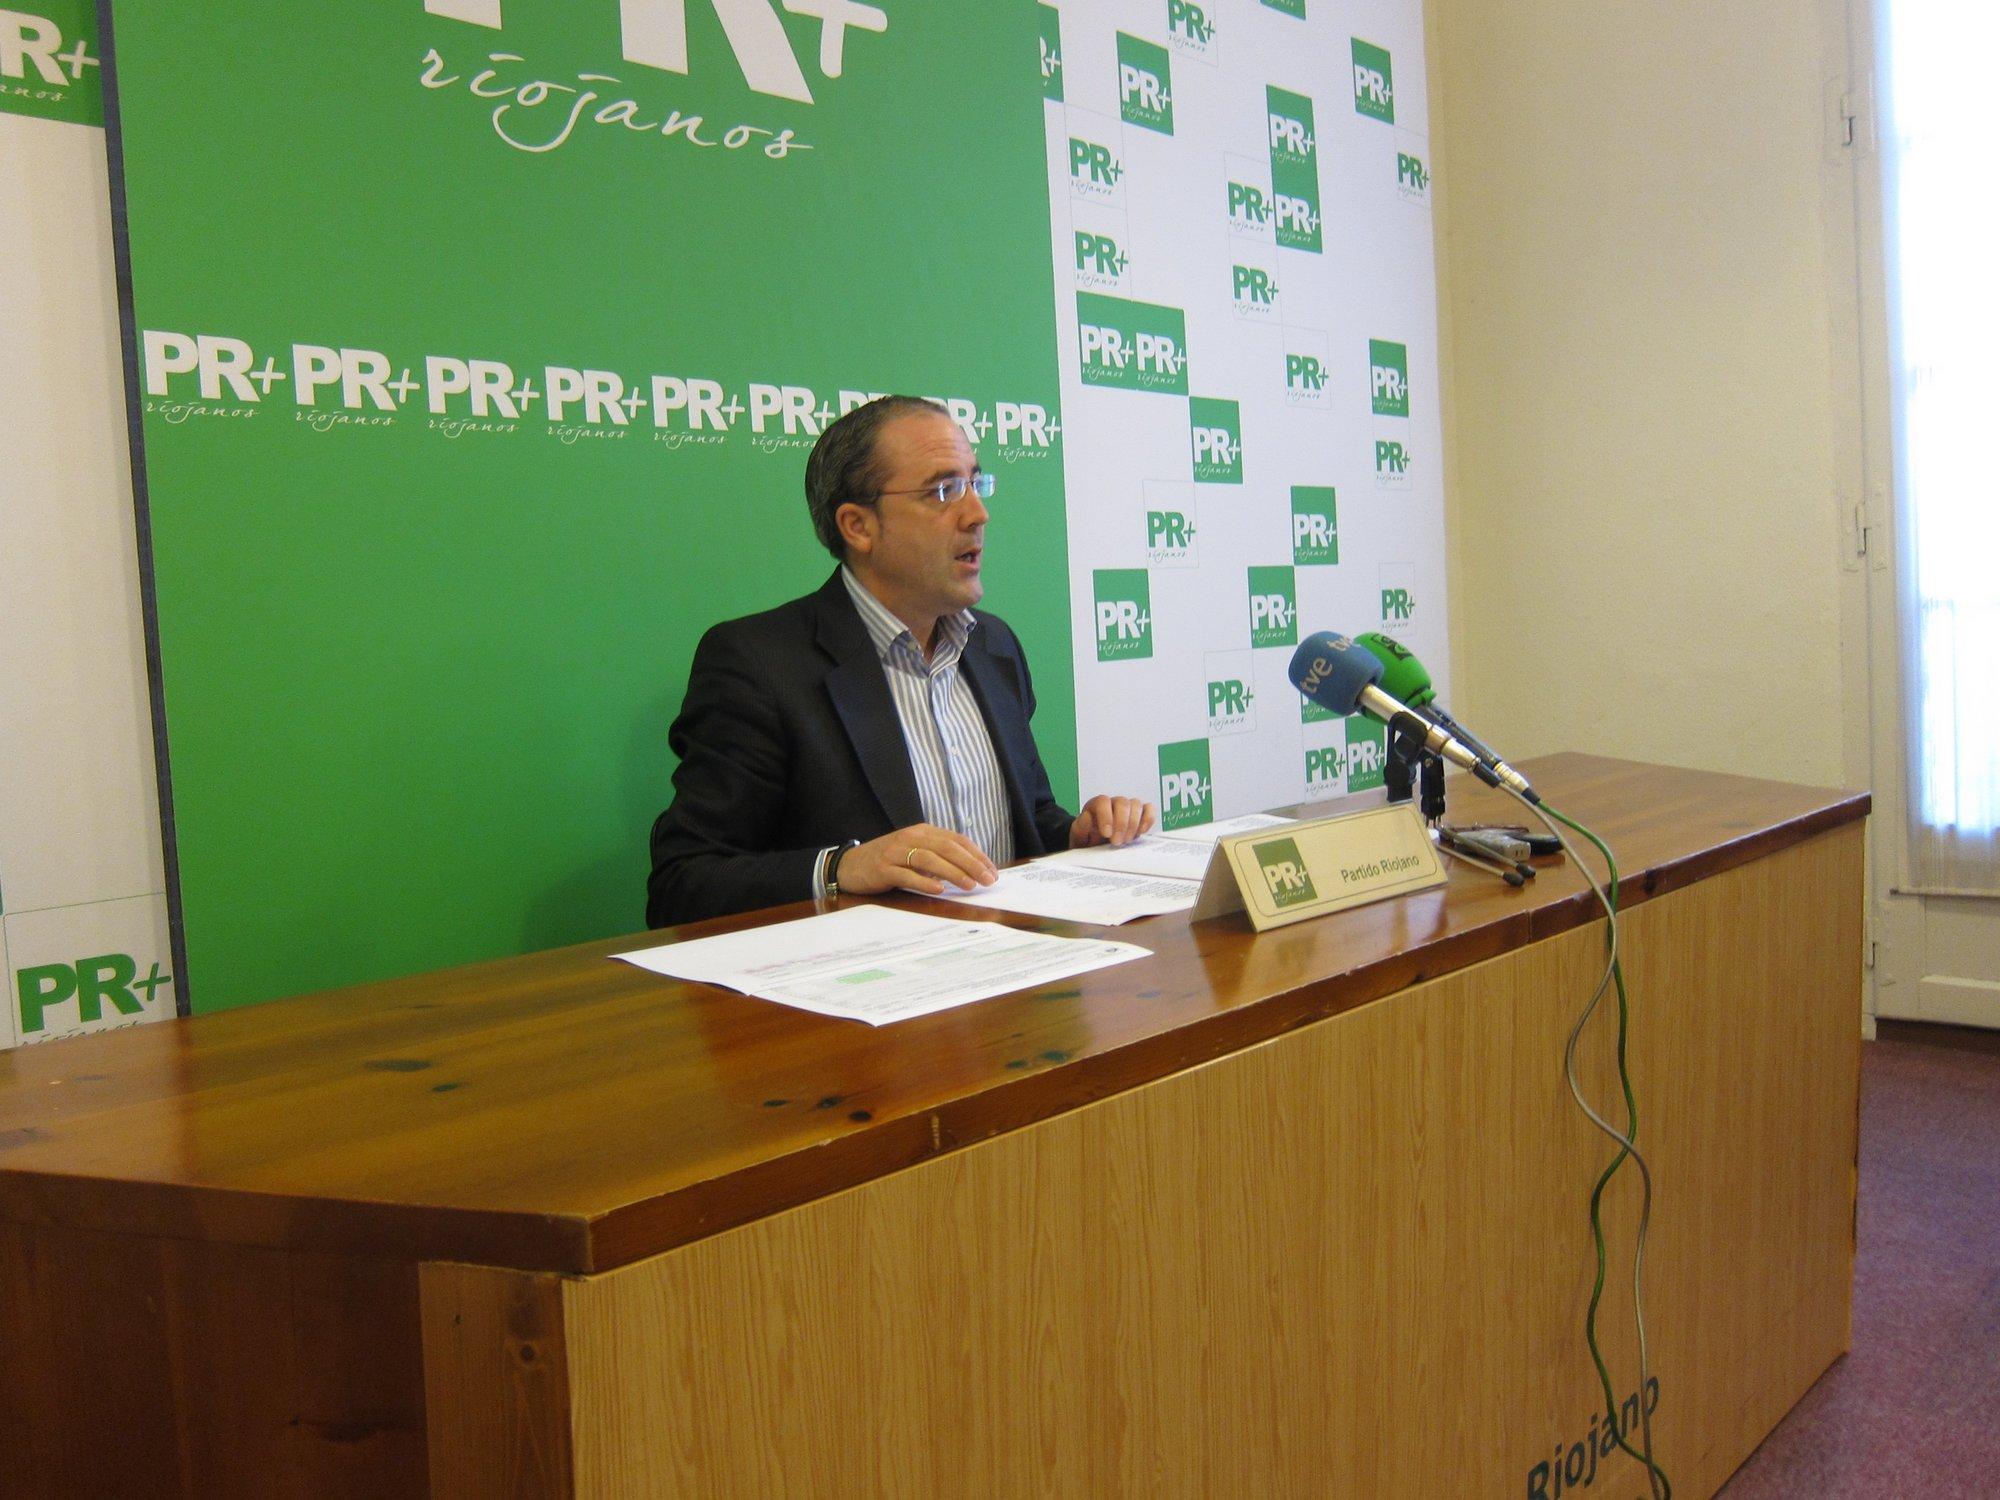 PR+ riojanos desvela que Los Manzanos recibe 4,6 M por prestar servicios sanitarios «que ya están en la sanidad pública»